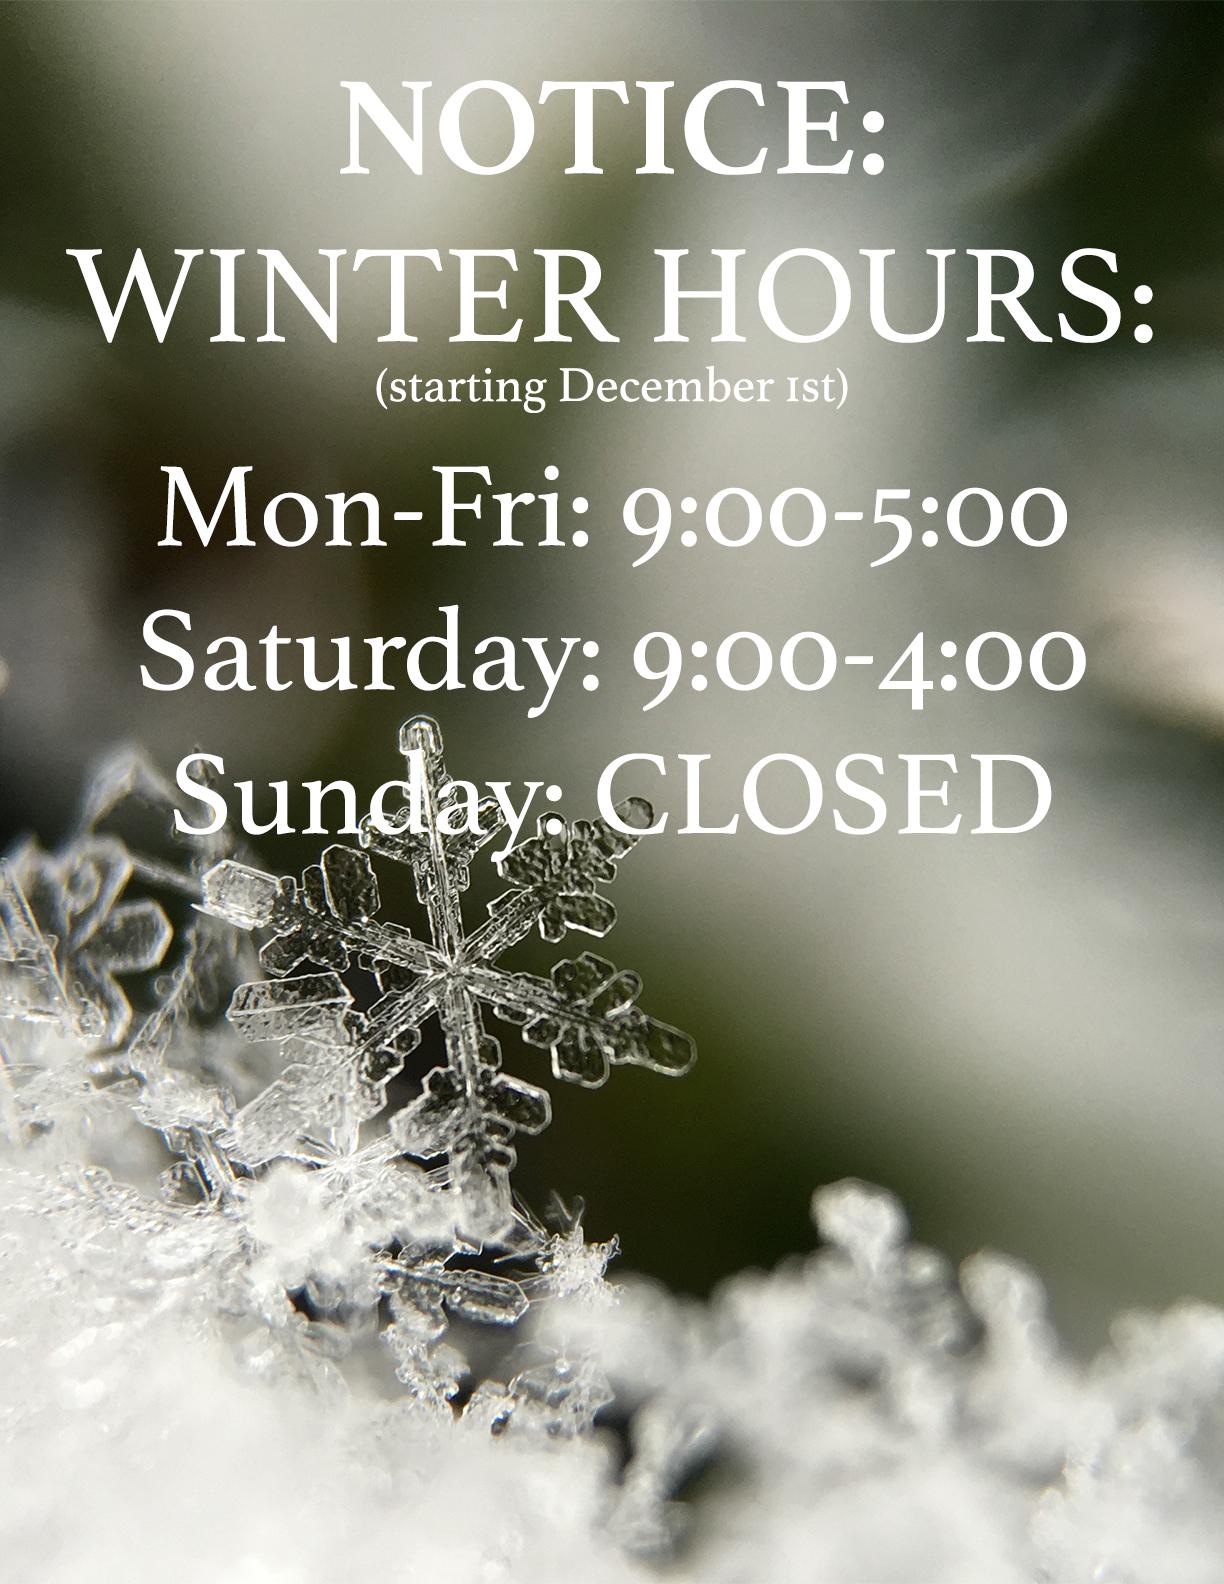 Winter Hours Notice.jpg